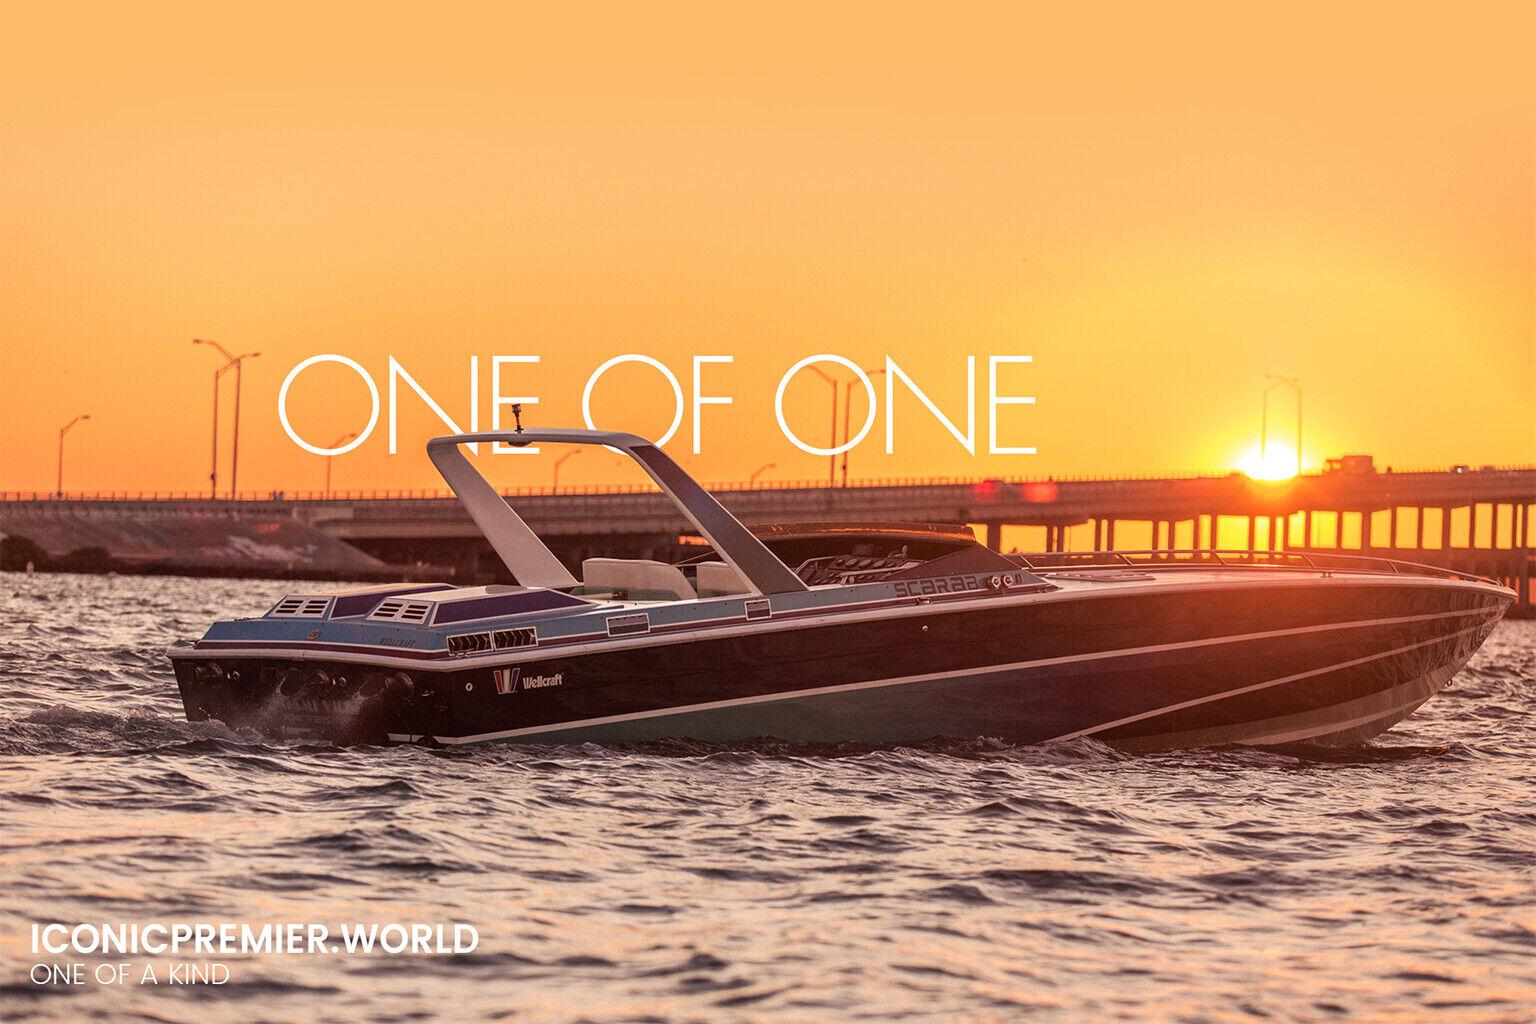 1986 Scarab 38' KV,The Actual Original Miami Vice boat, Driven by Don Johnson